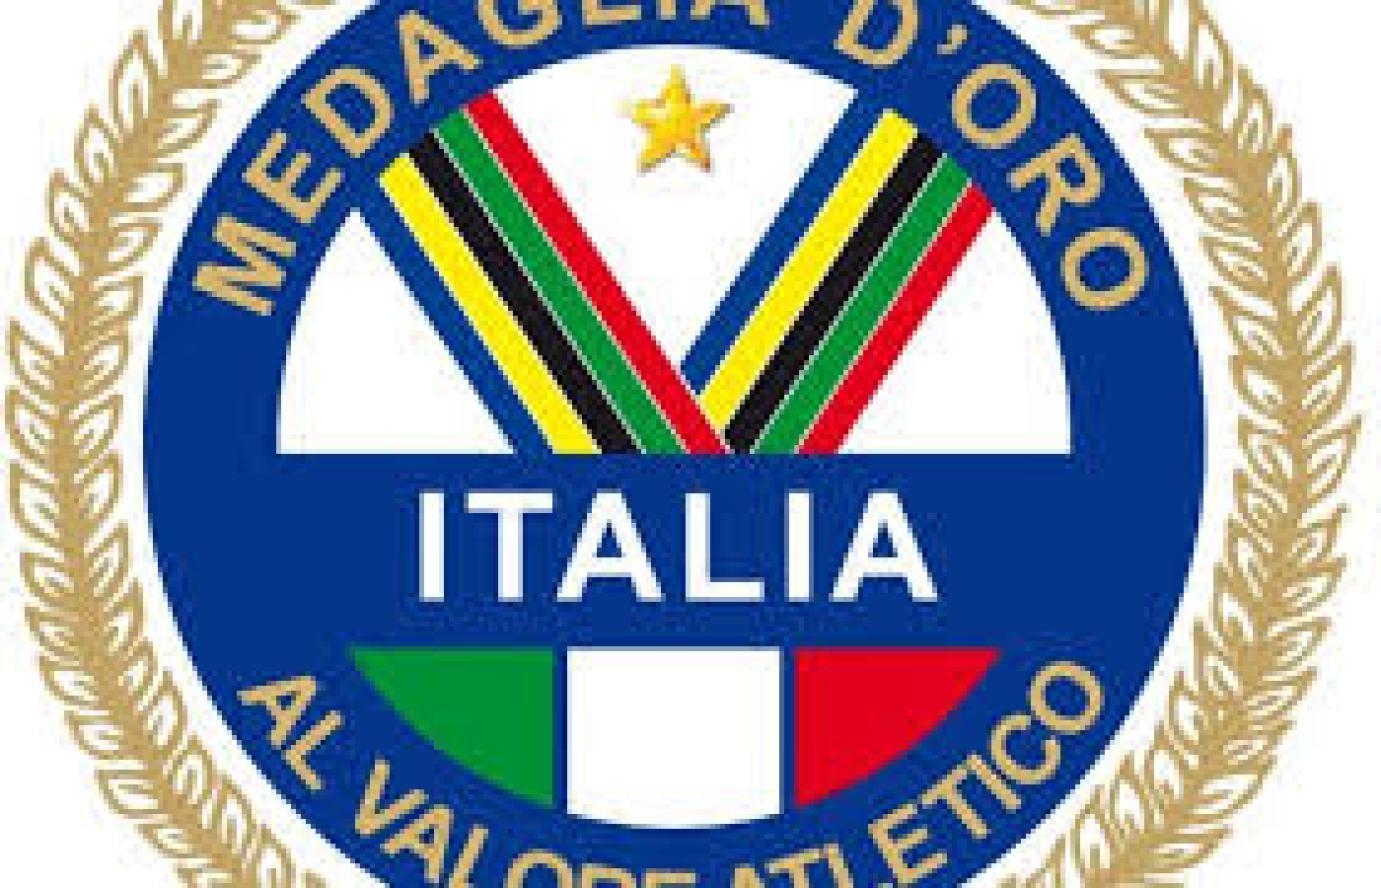 Associazione Medaglie d'oro al Valore Atletico